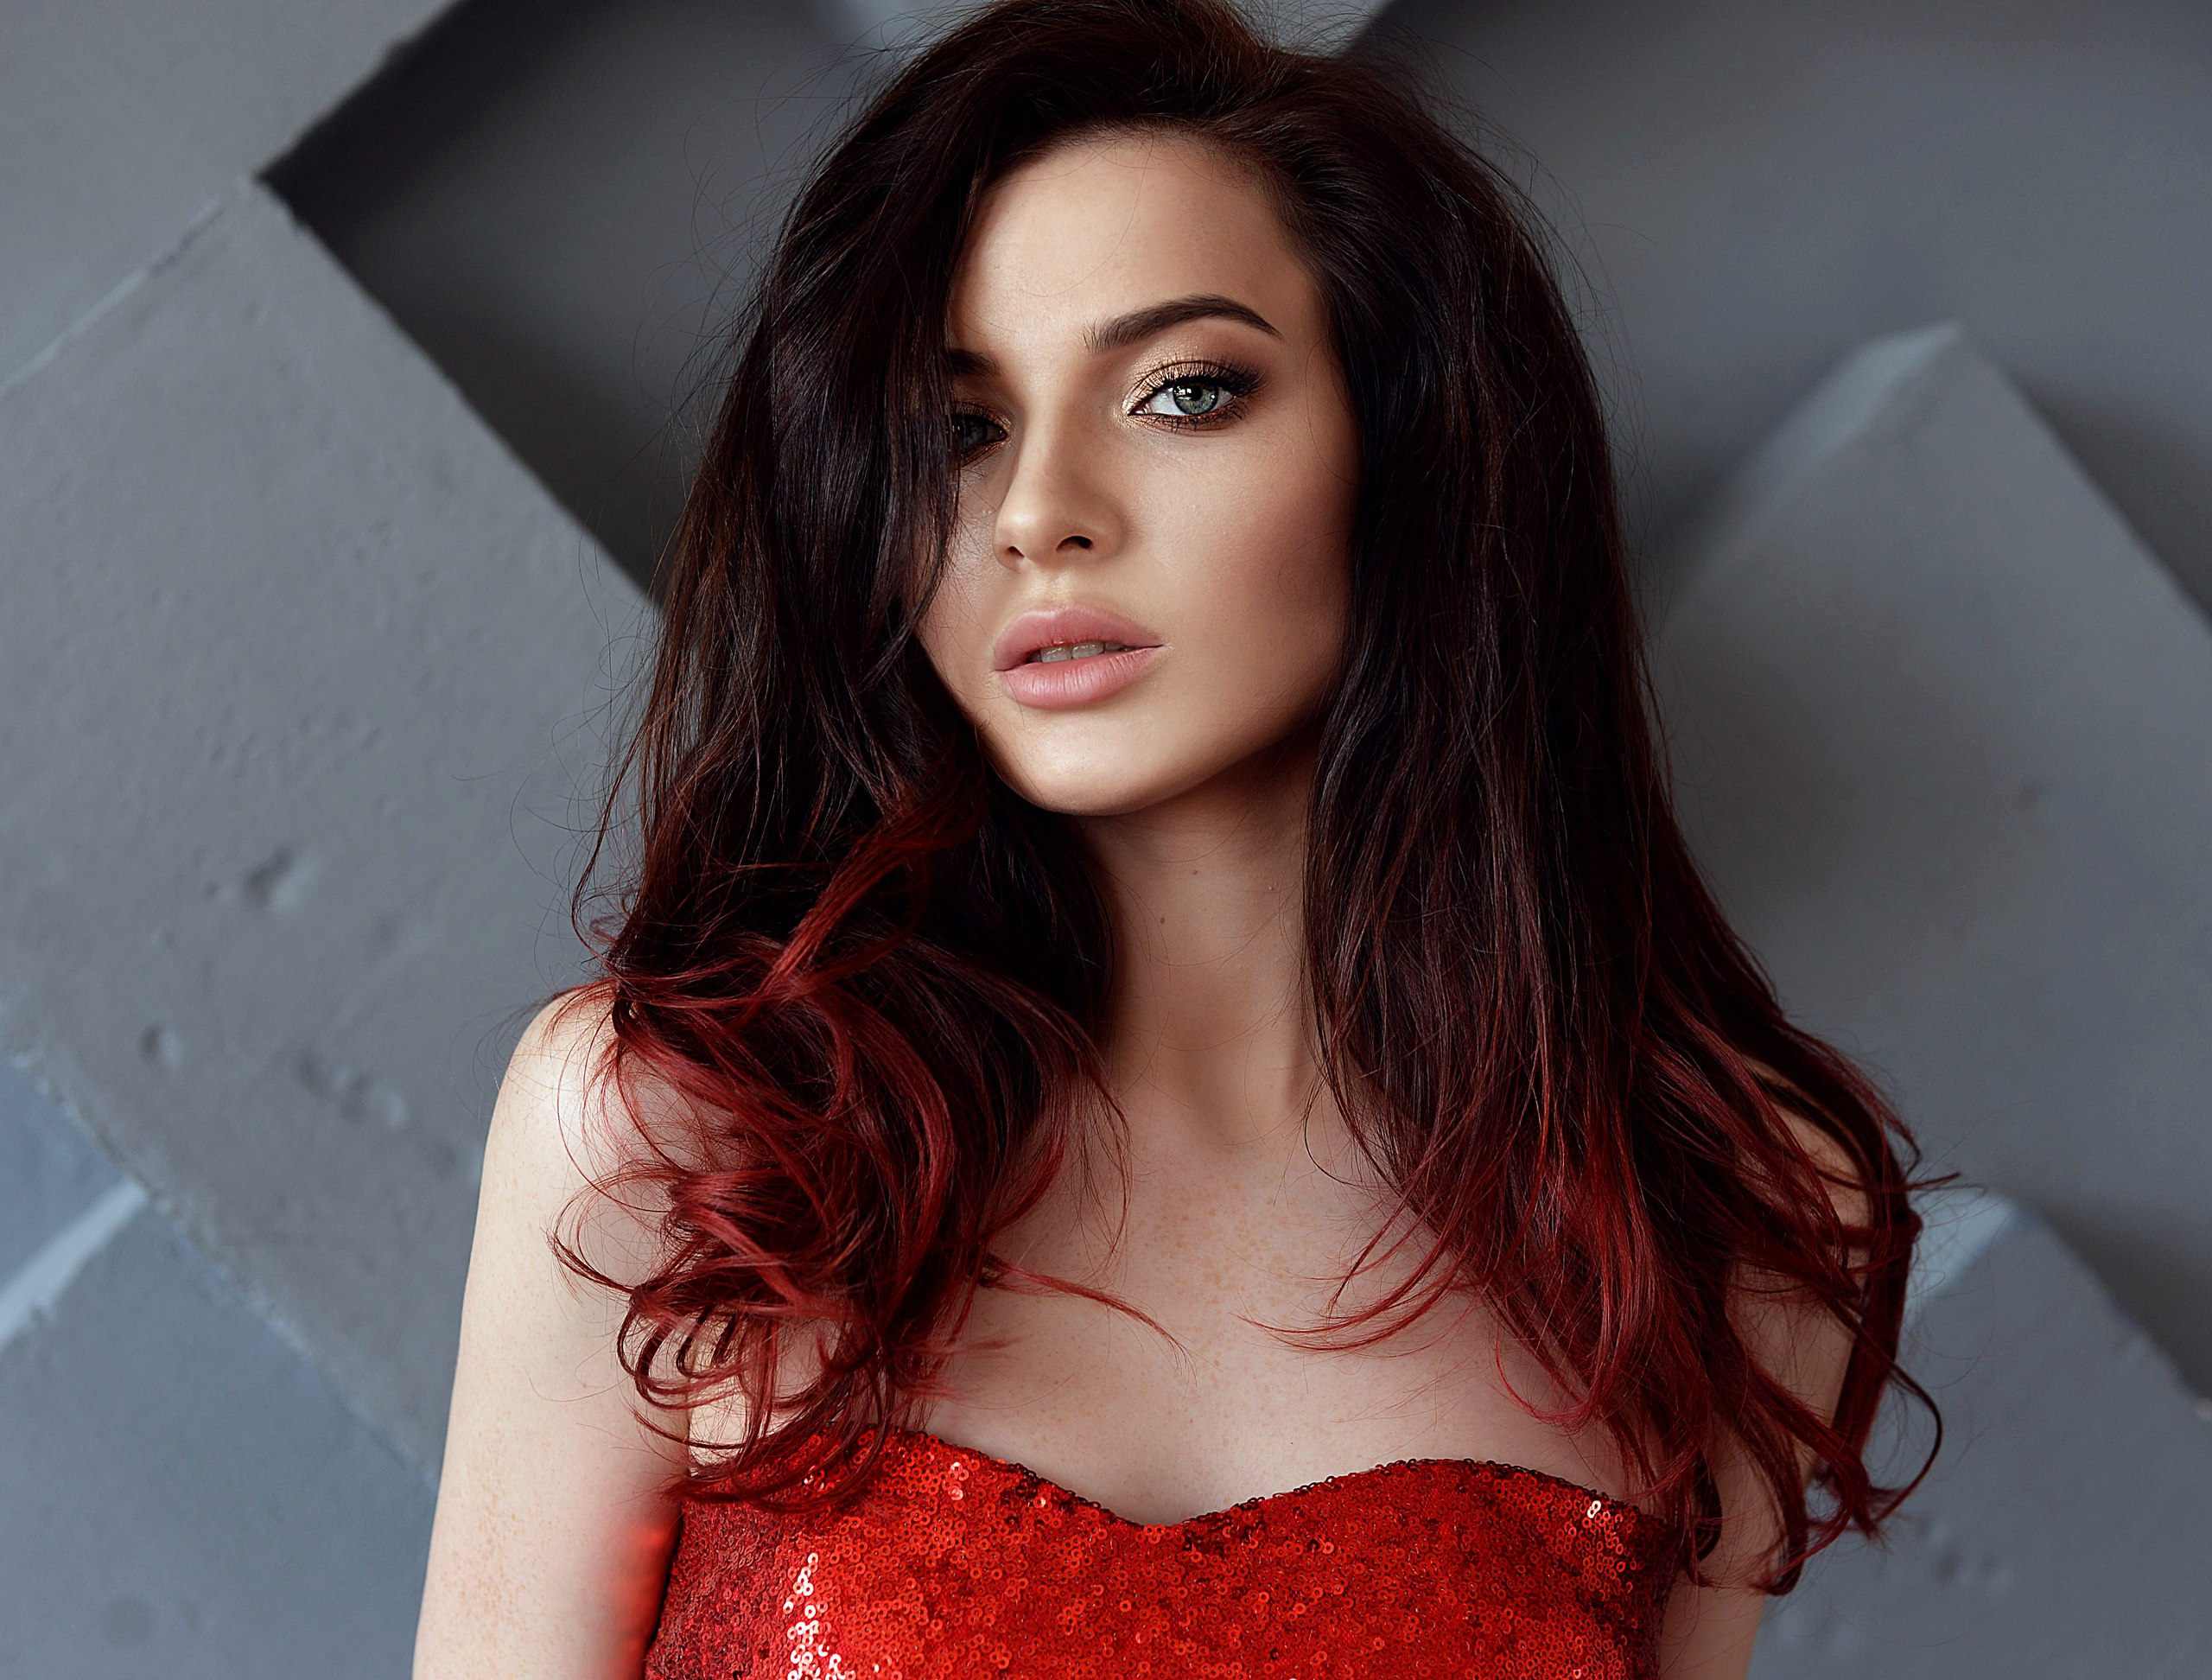 Women Dyed Hair Face Portrait 2560x1944